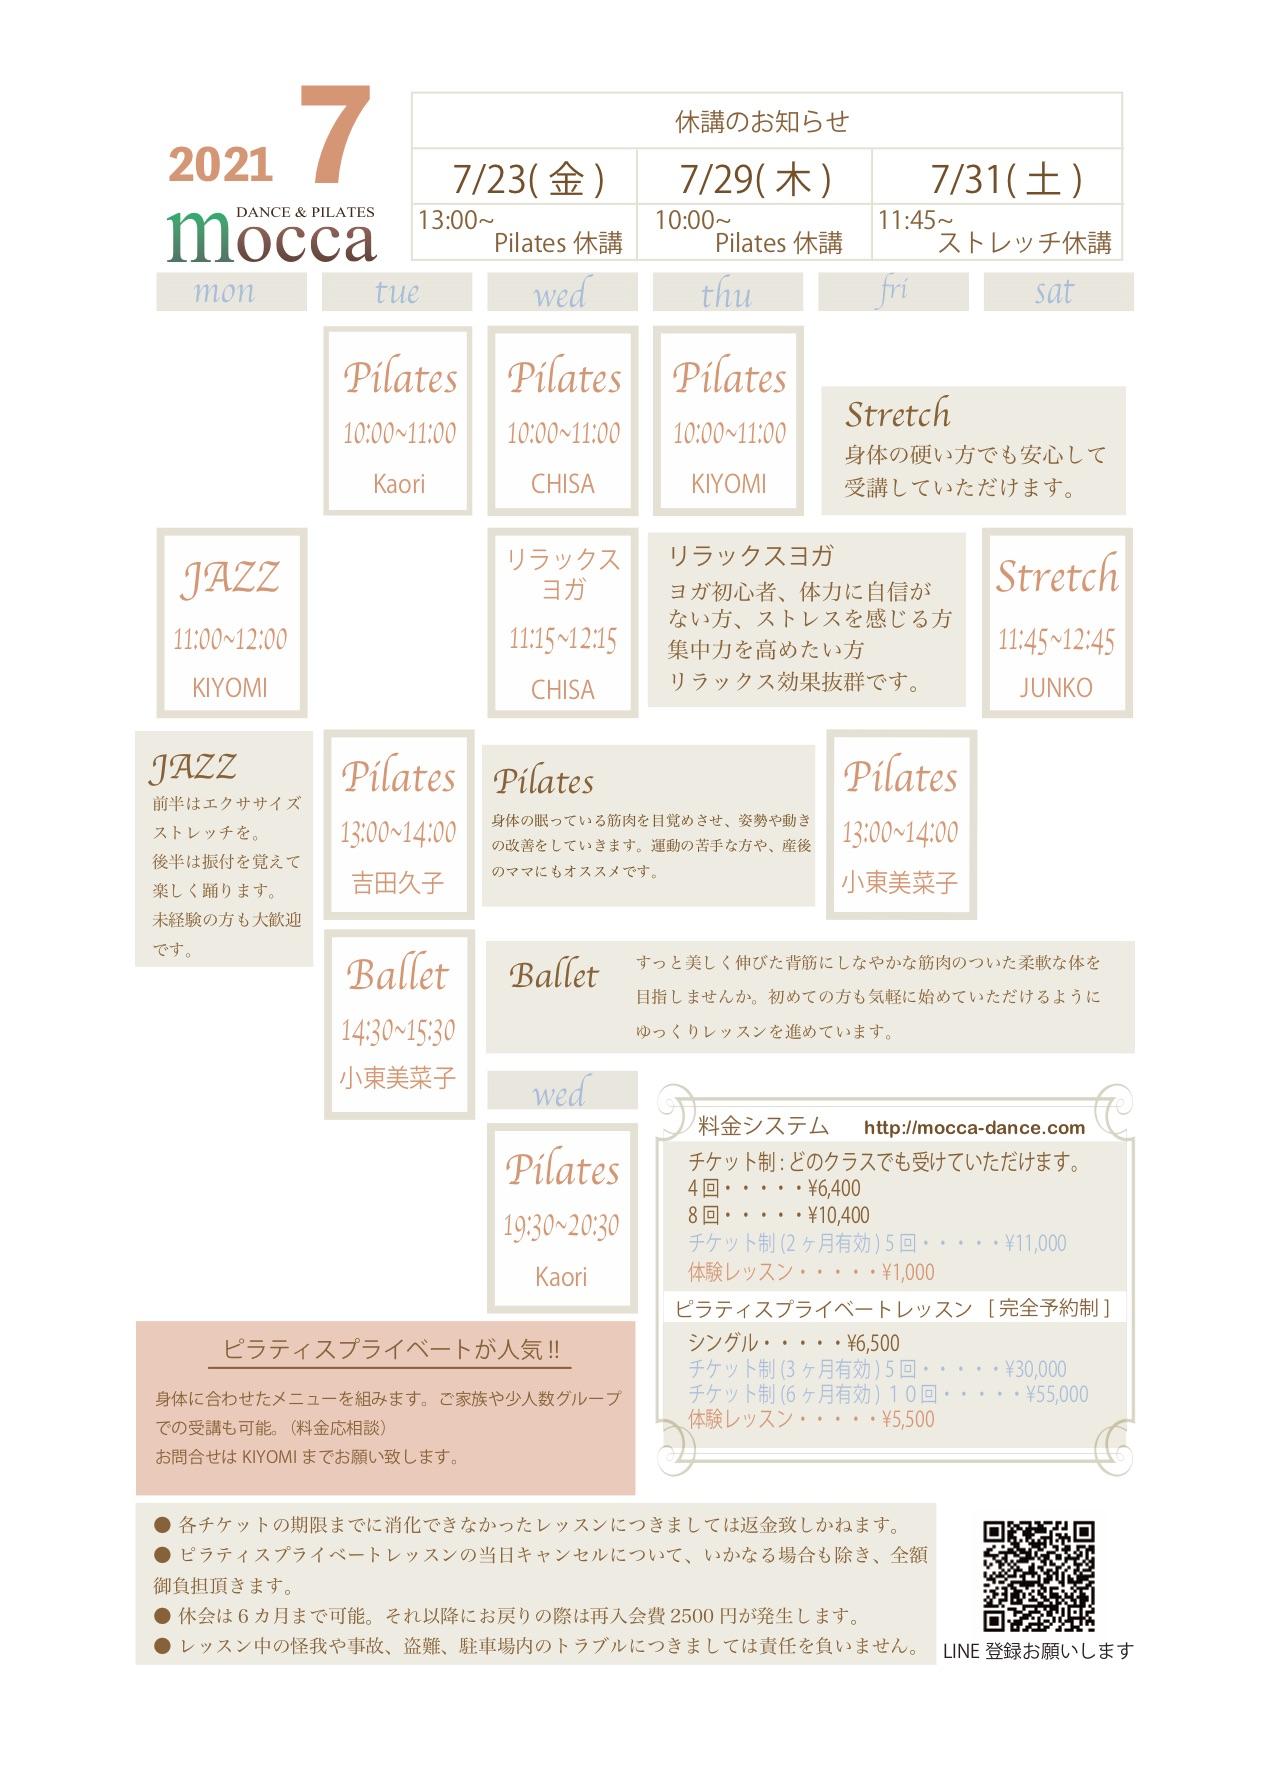 http://mocca-dance.com/otona-7.pdf%E3%81%AE%E3%82%B3%E3%83%92%E3%82%9A%E3%83%BC.jpg